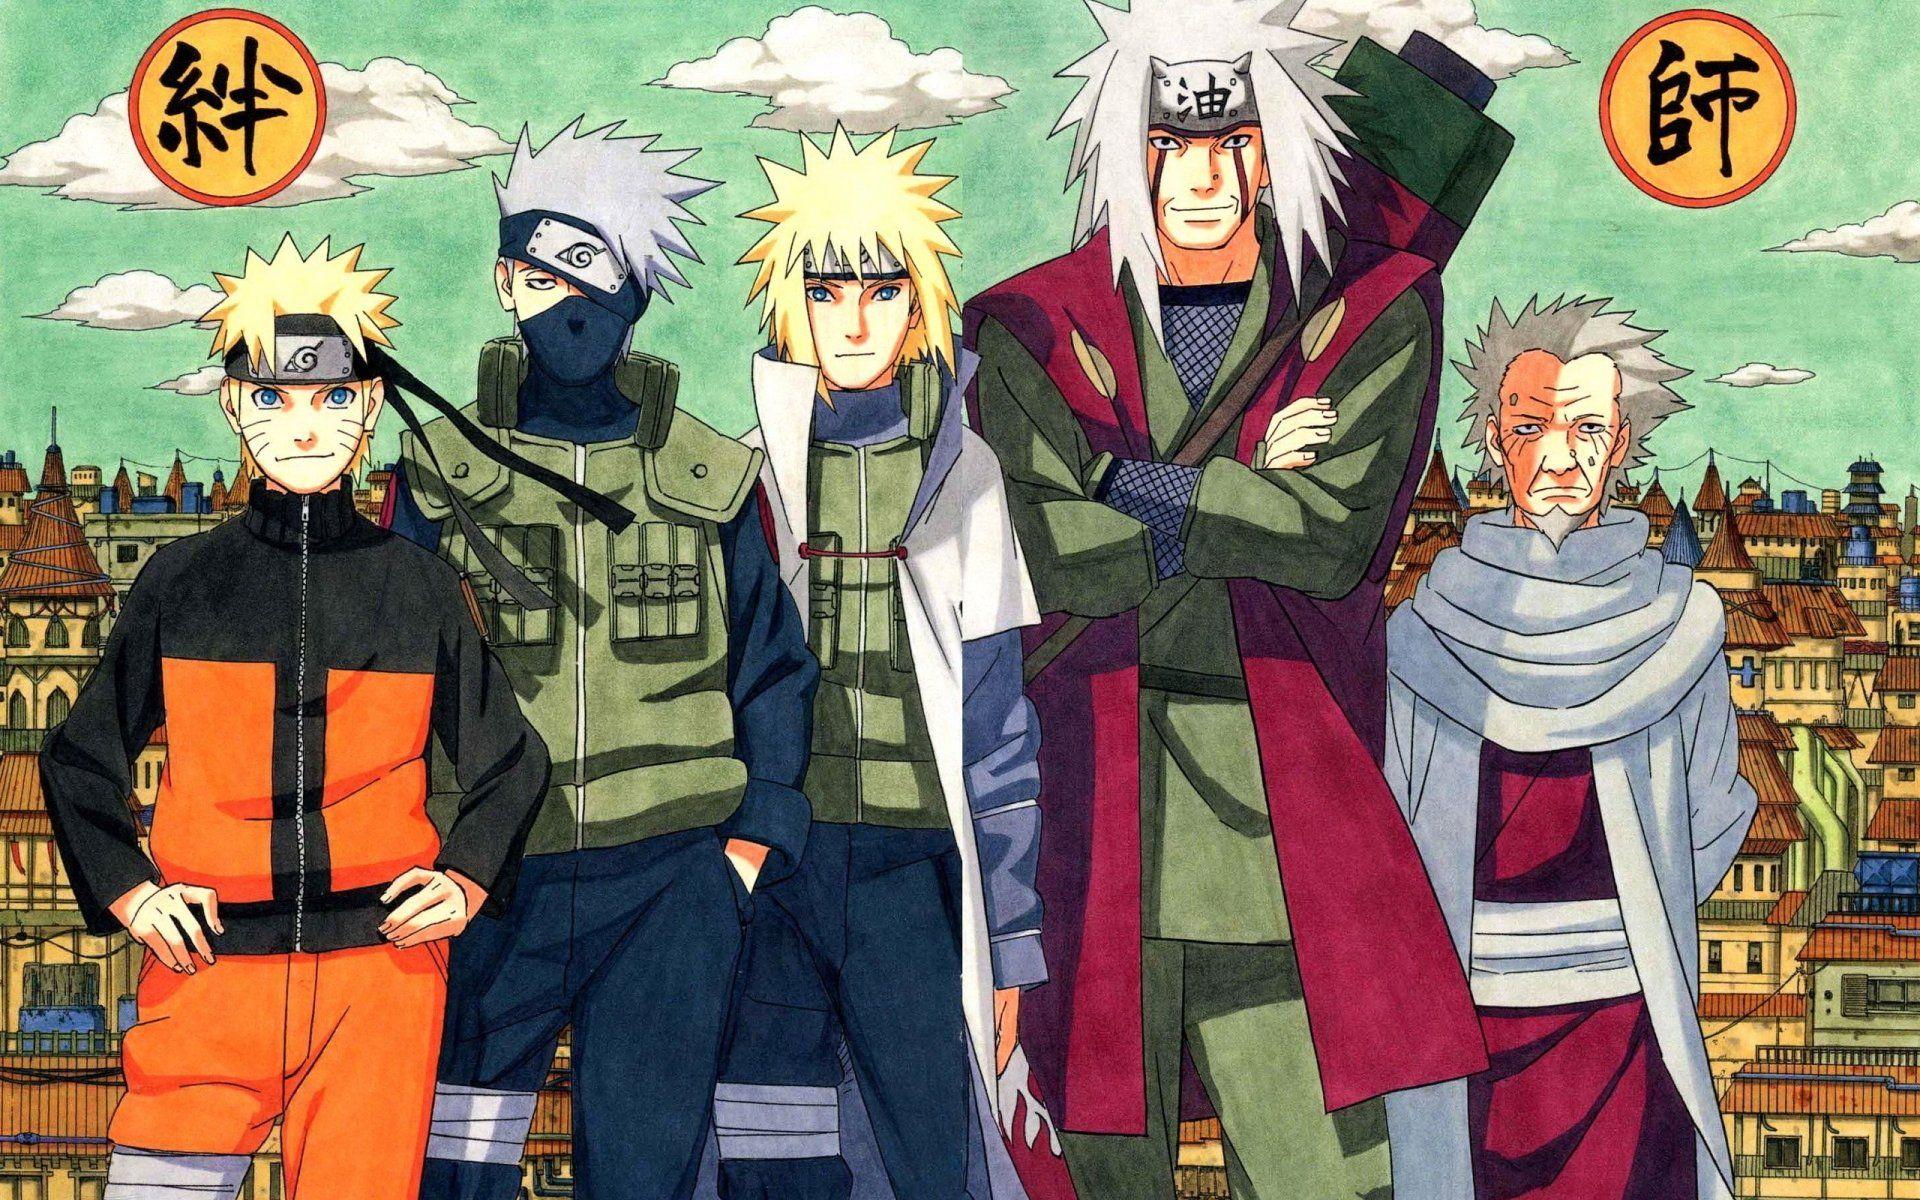 Anime Naruto Jiraiya Naruto Kakashi Hatake Minato Namikaze Hiruzen Sarutobi Fond D Ecran Naruto Jiraiya Naruto Kakashi Naruto Images